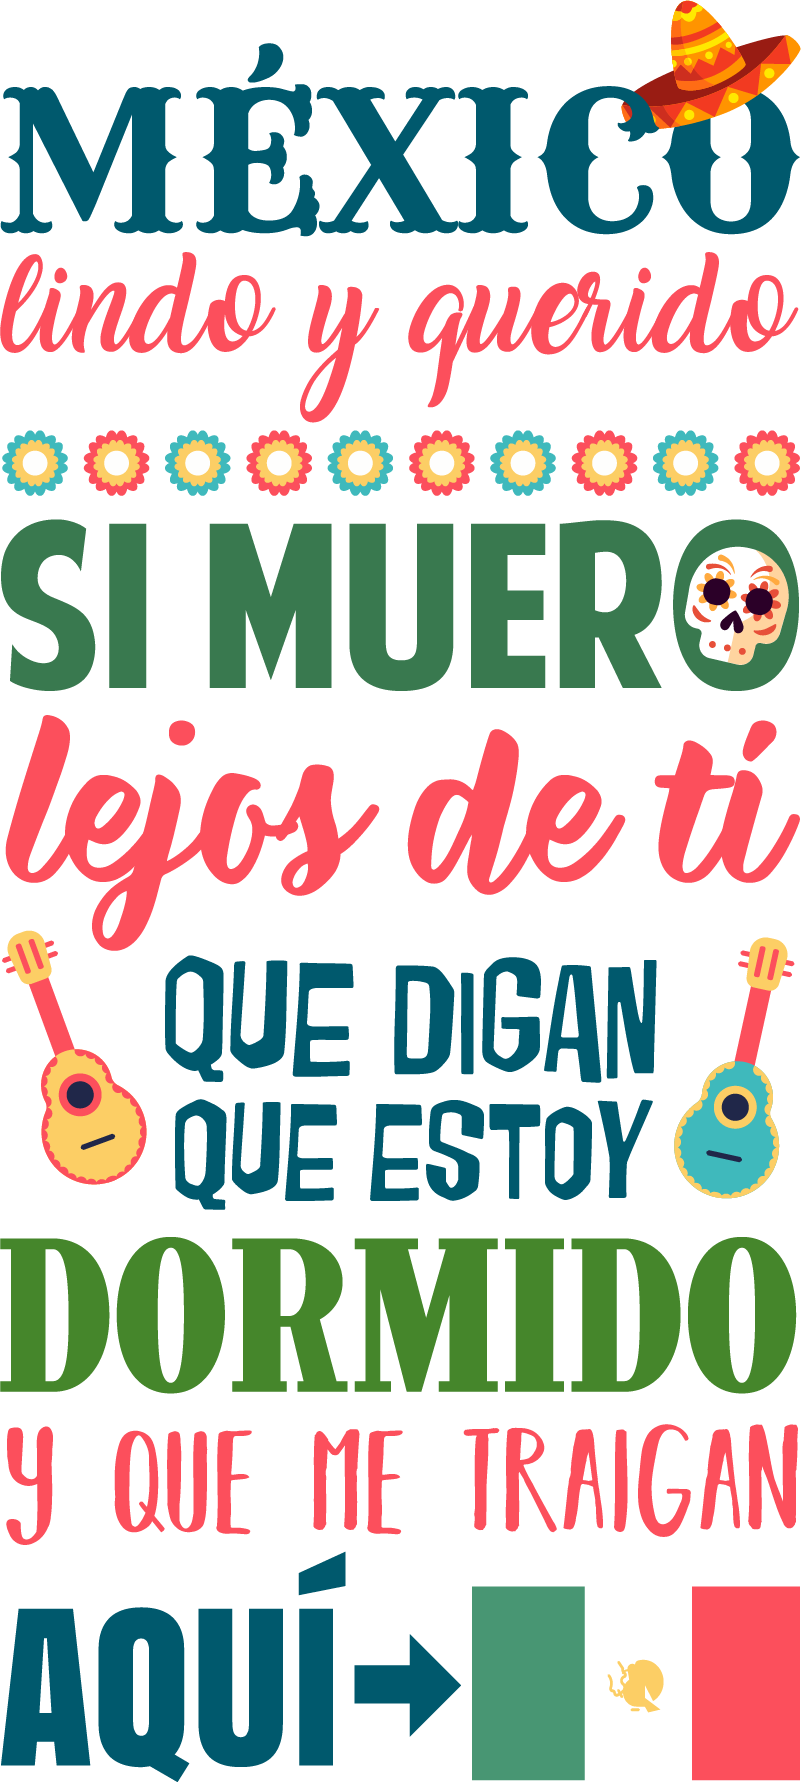 """TenVinilo. Vinilo frase México Lindo y Querido. Pegatina formada por una parte de la canción """"México lindo y querido"""" del cantante mexicano Jorge Negrete. Promociones Exclusivas vía e-mail."""